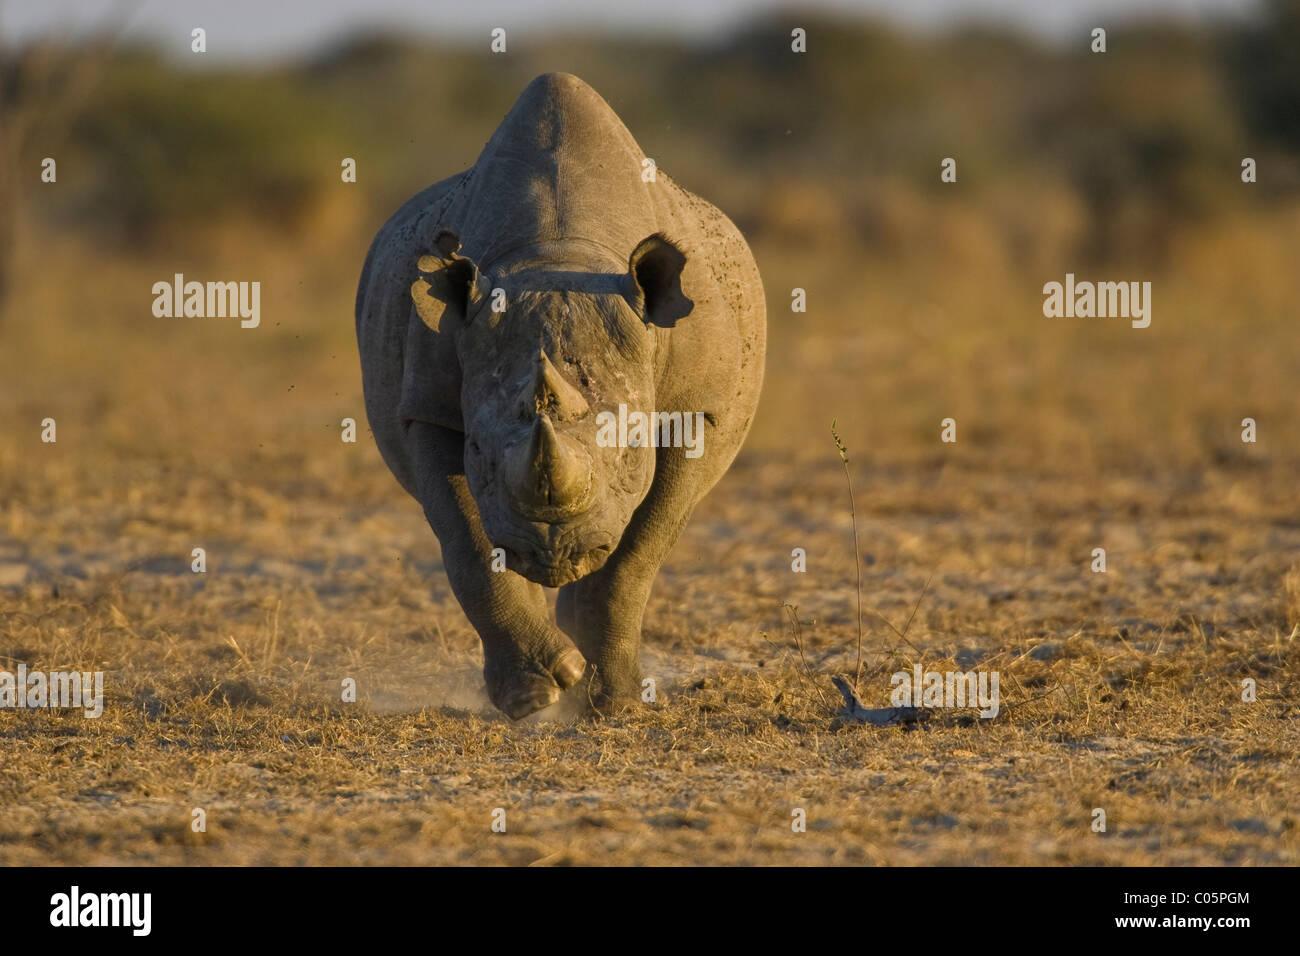 Black Rhino, Etosha National Park, Namibia. - Stock Image